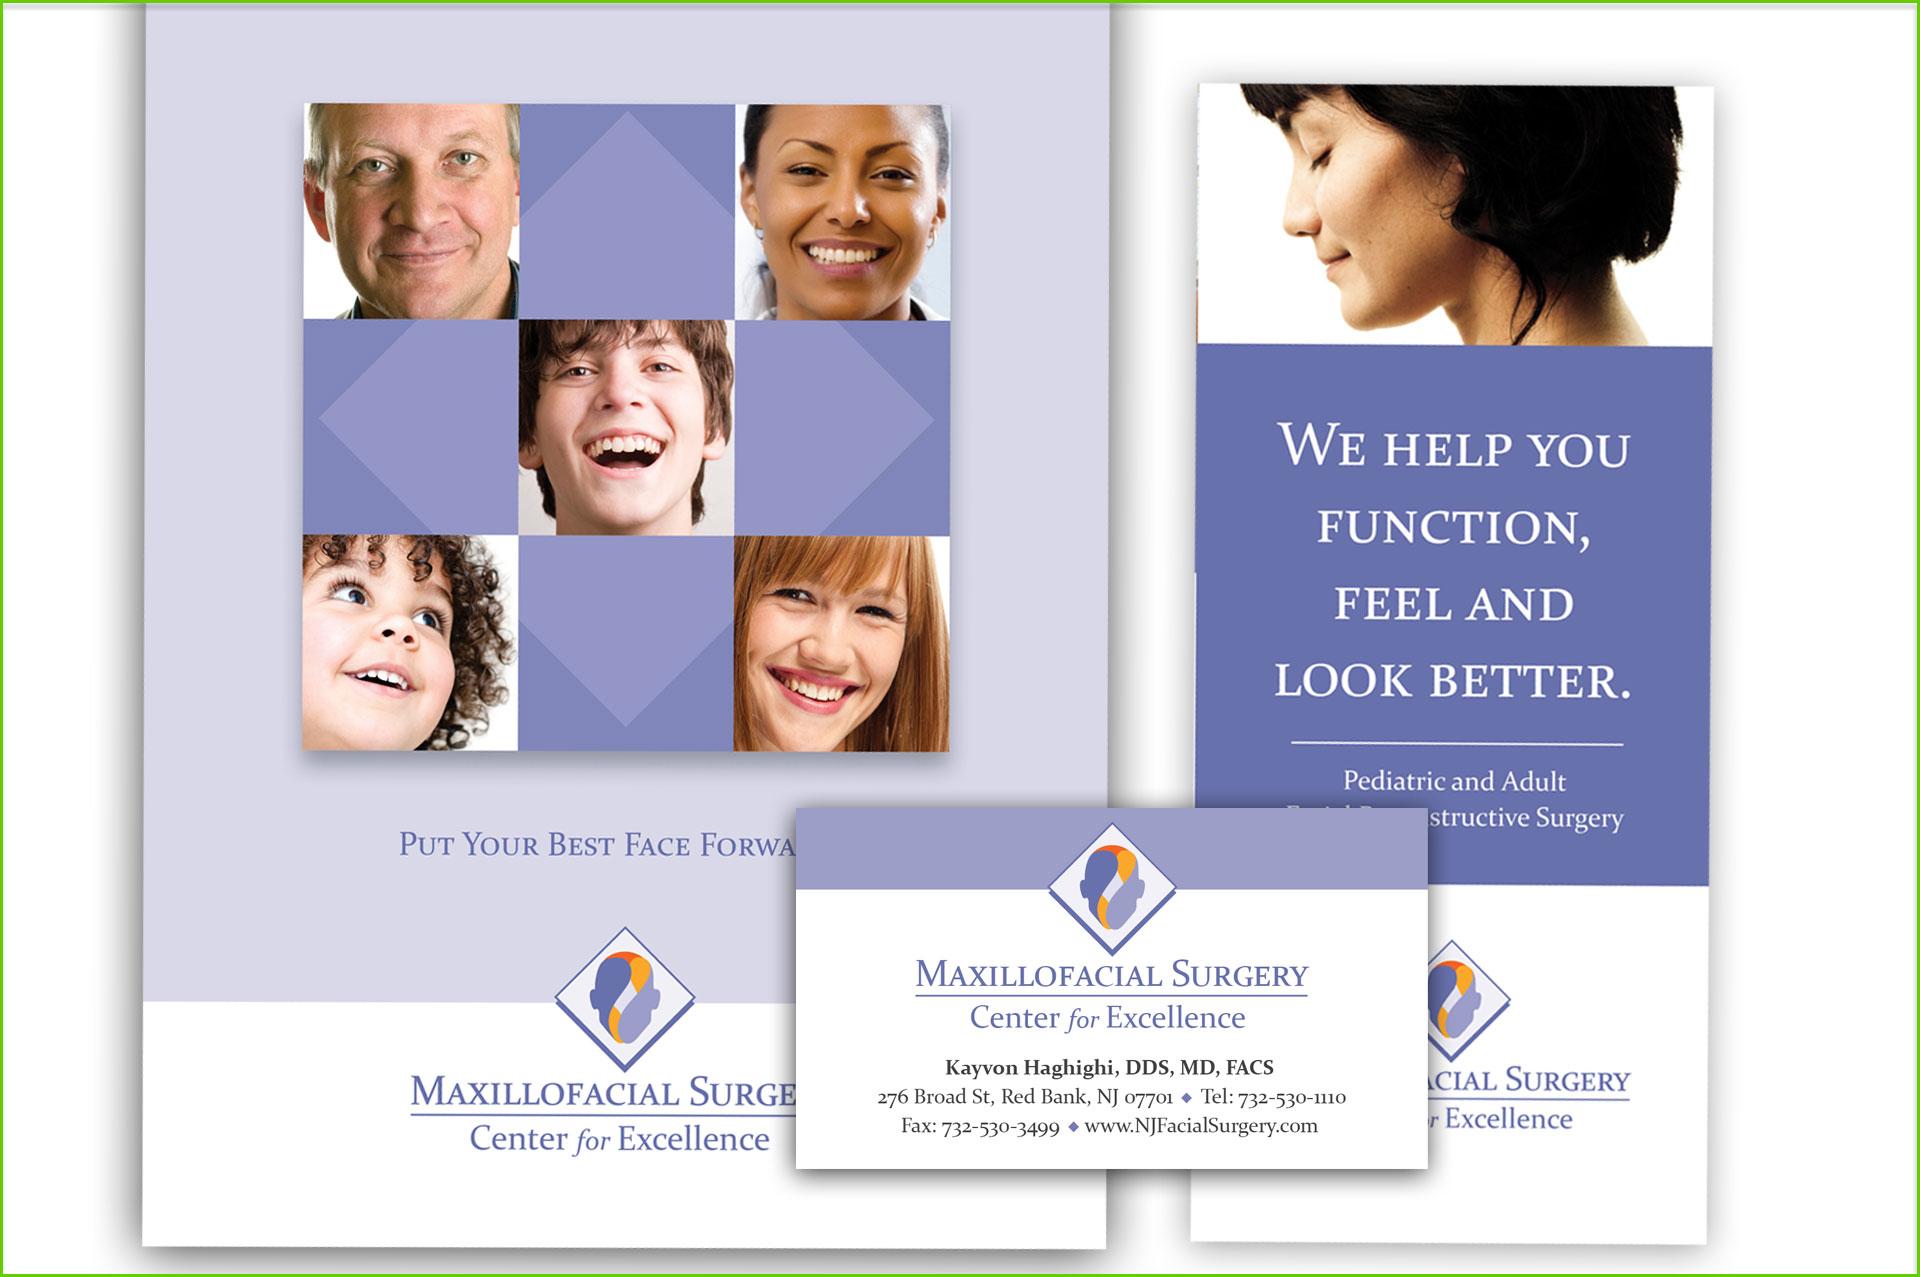 Branding for Maxillofacial Surgery Center